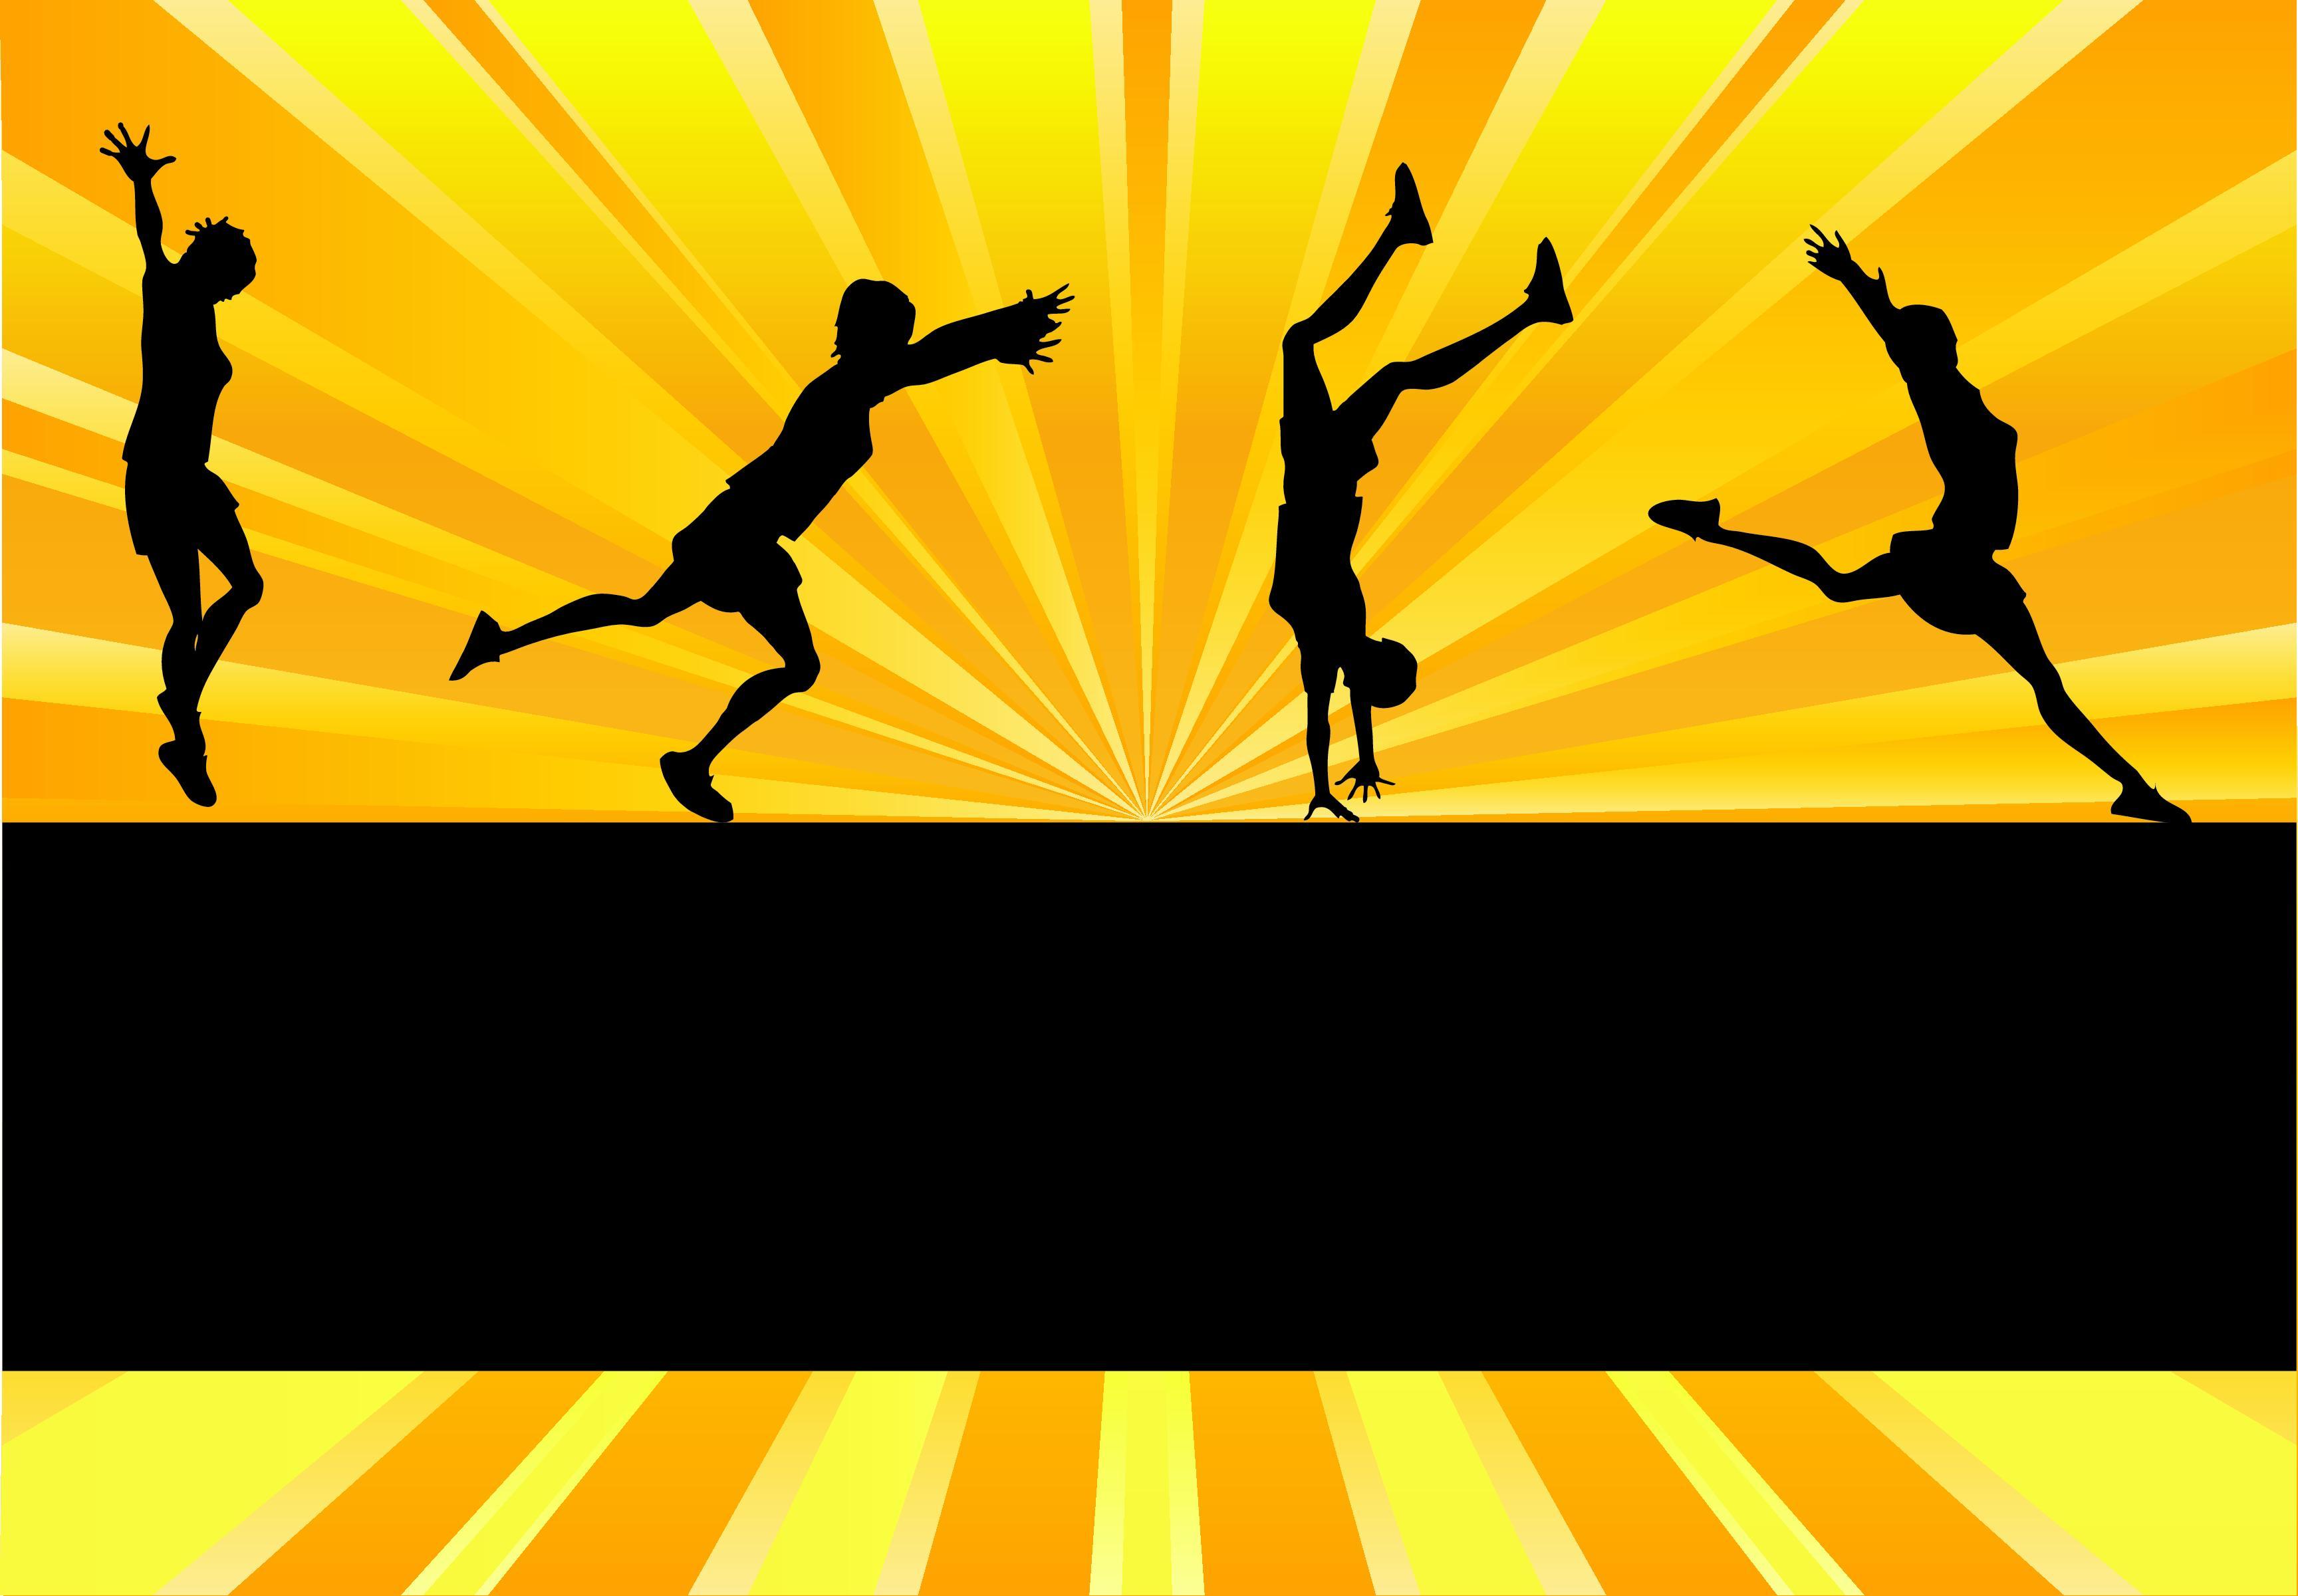 هفته ی پرکار پهلوان و ورزشی های بابلسر !